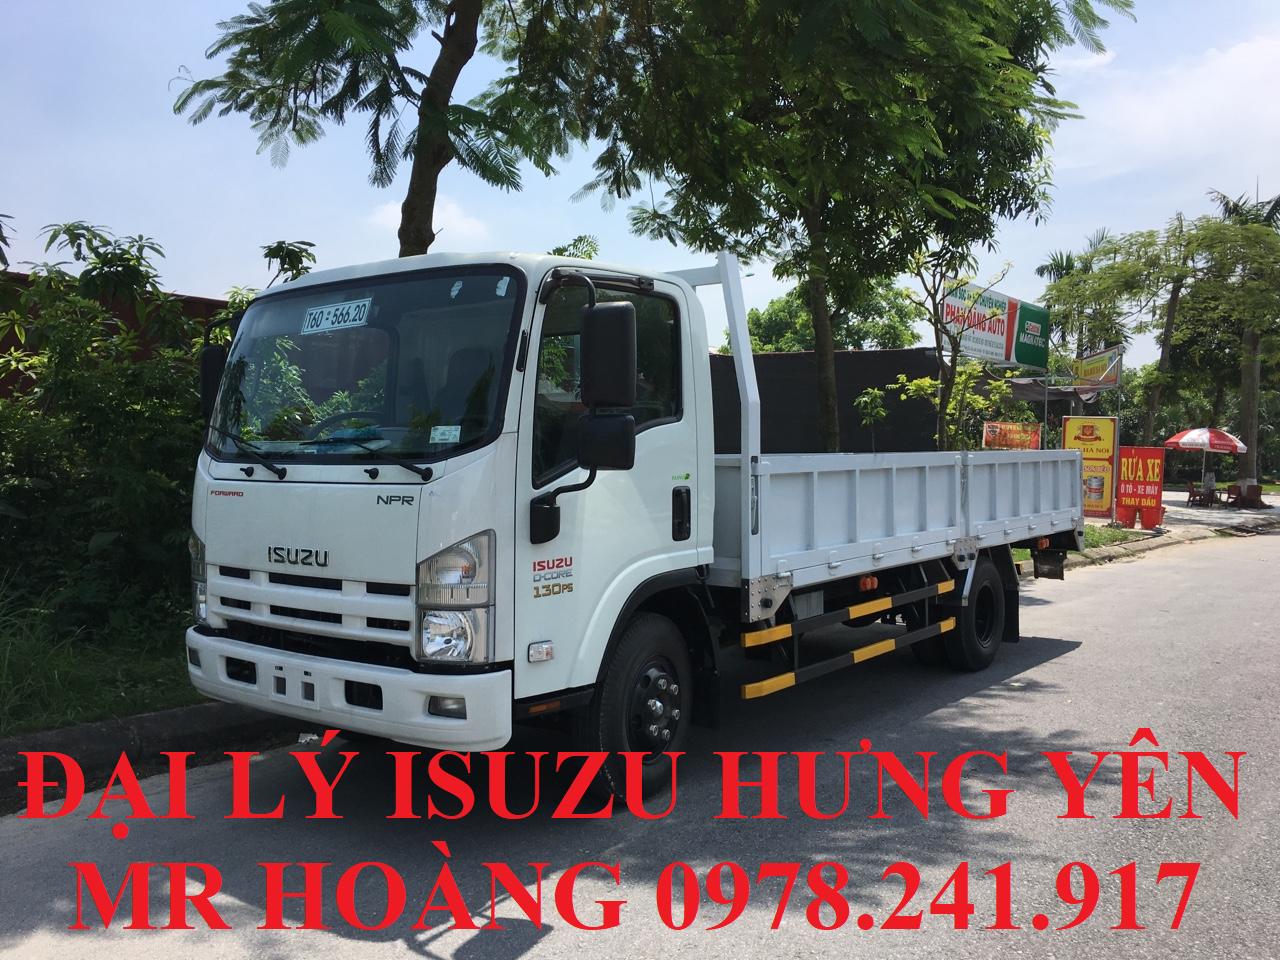 đại lý isuzu hưng yên bán xe tải isuzu 3,5 tấn thùng lửng